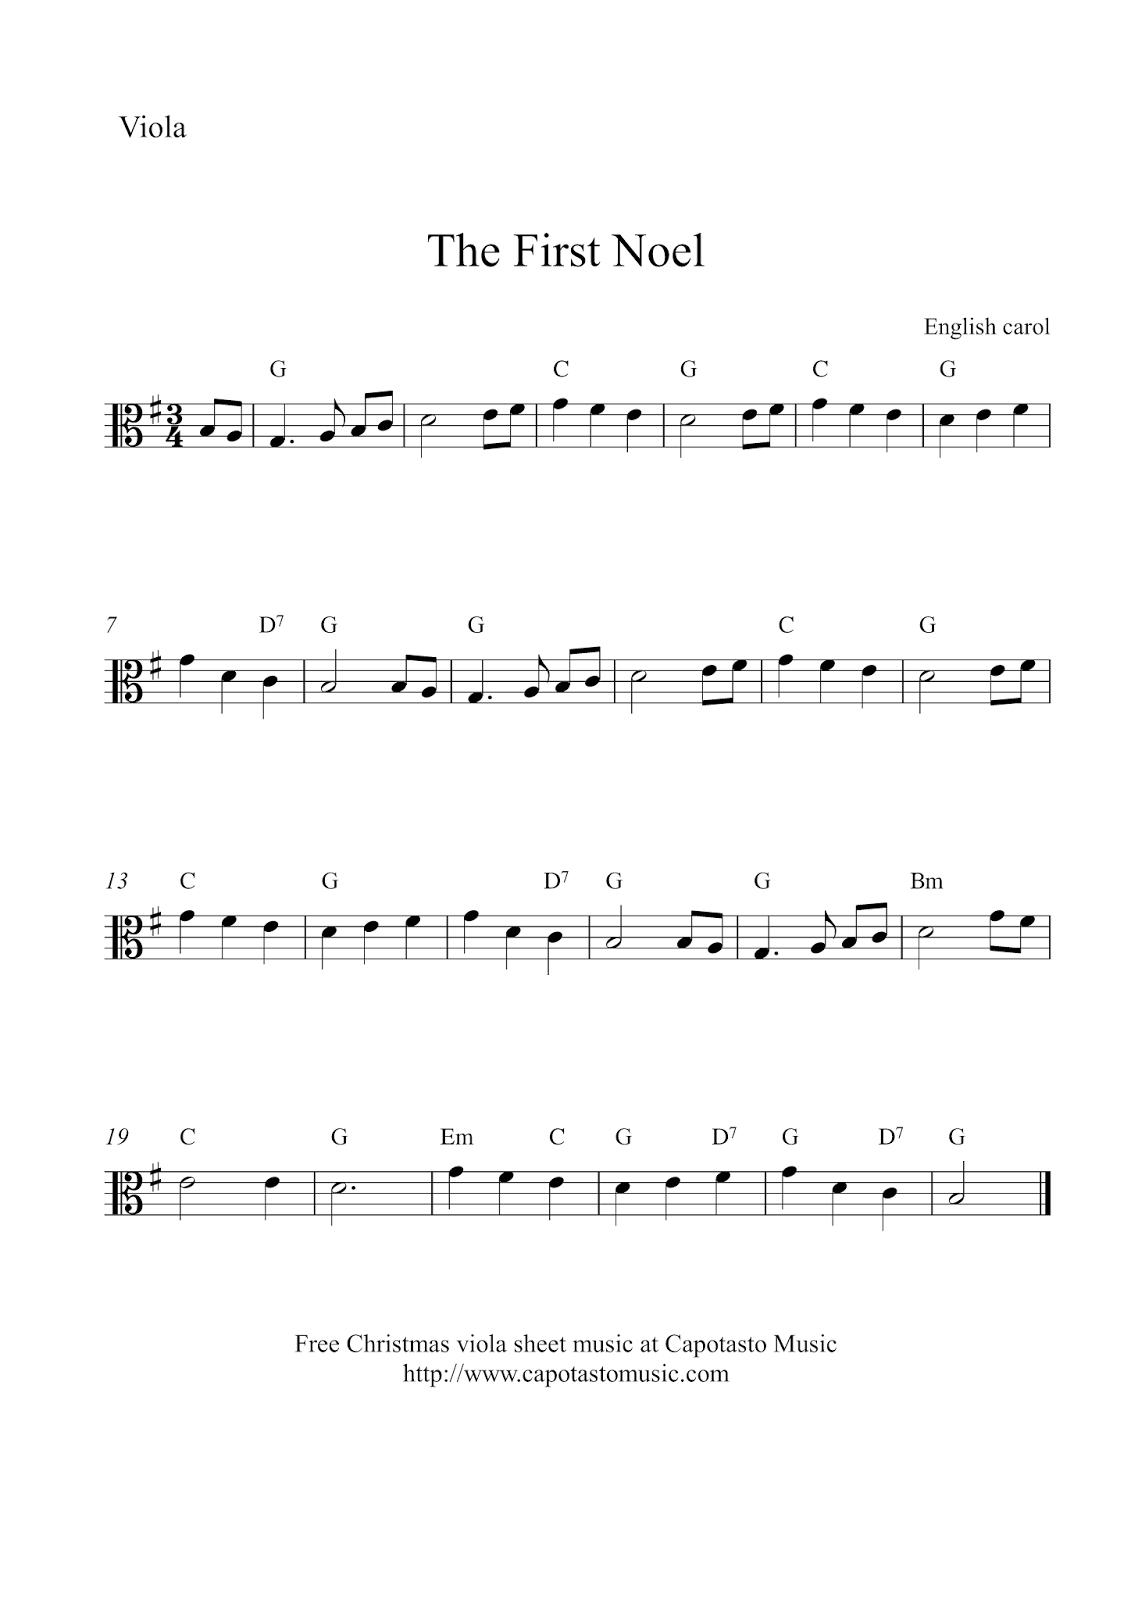 Free Easy Christmas Viola Sheet Music - The First Noel - Viola Sheet Music Free Printable